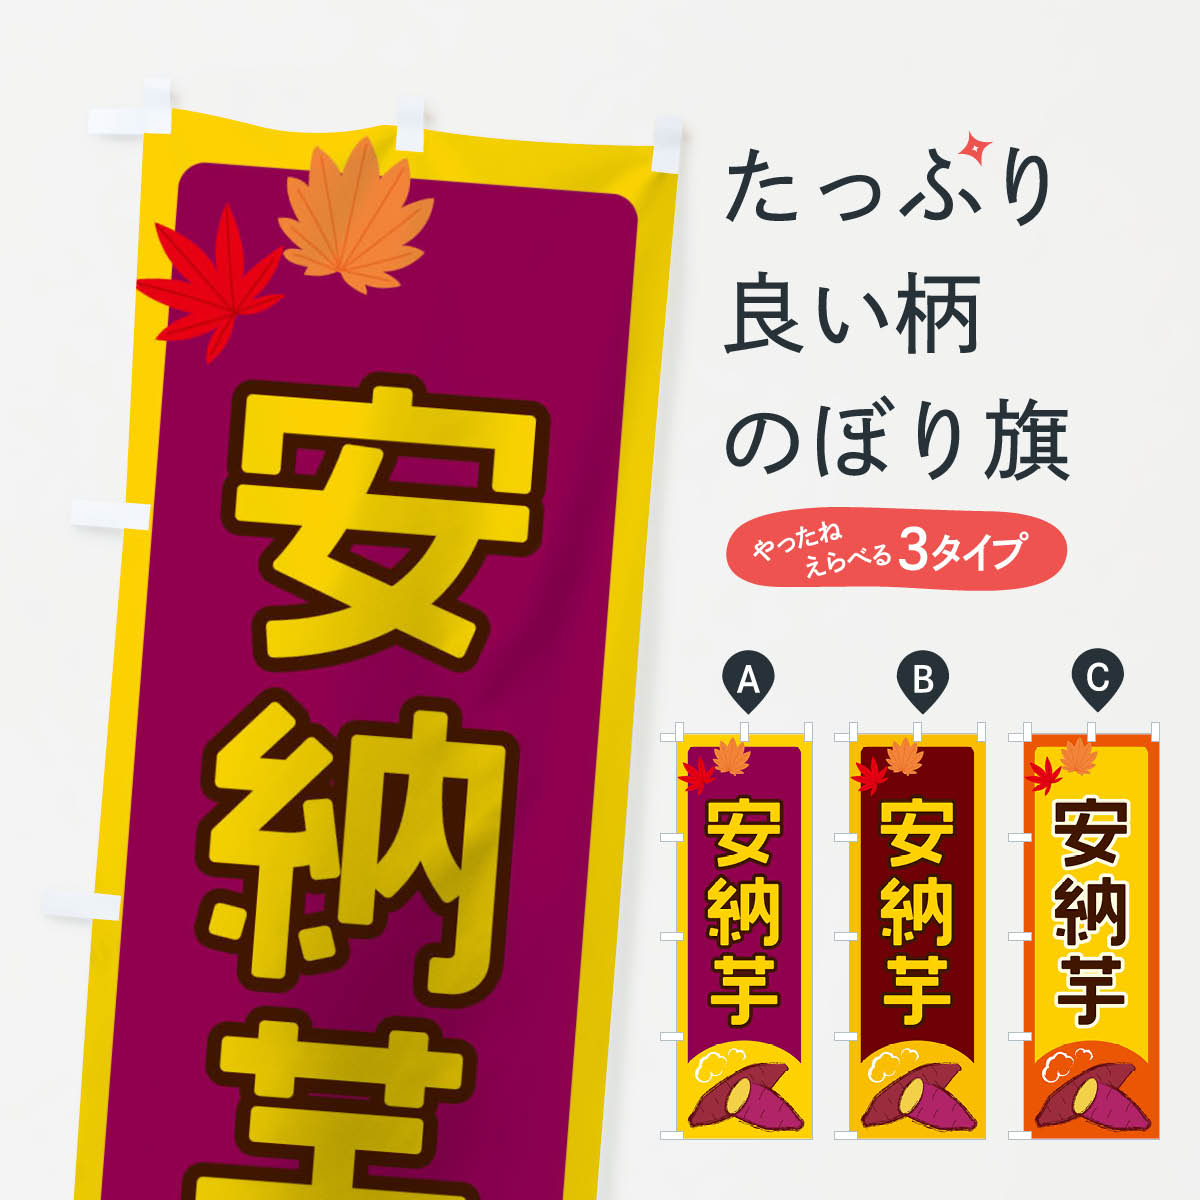 【3980送料無料】 のぼり旗 安納芋のぼり 野菜